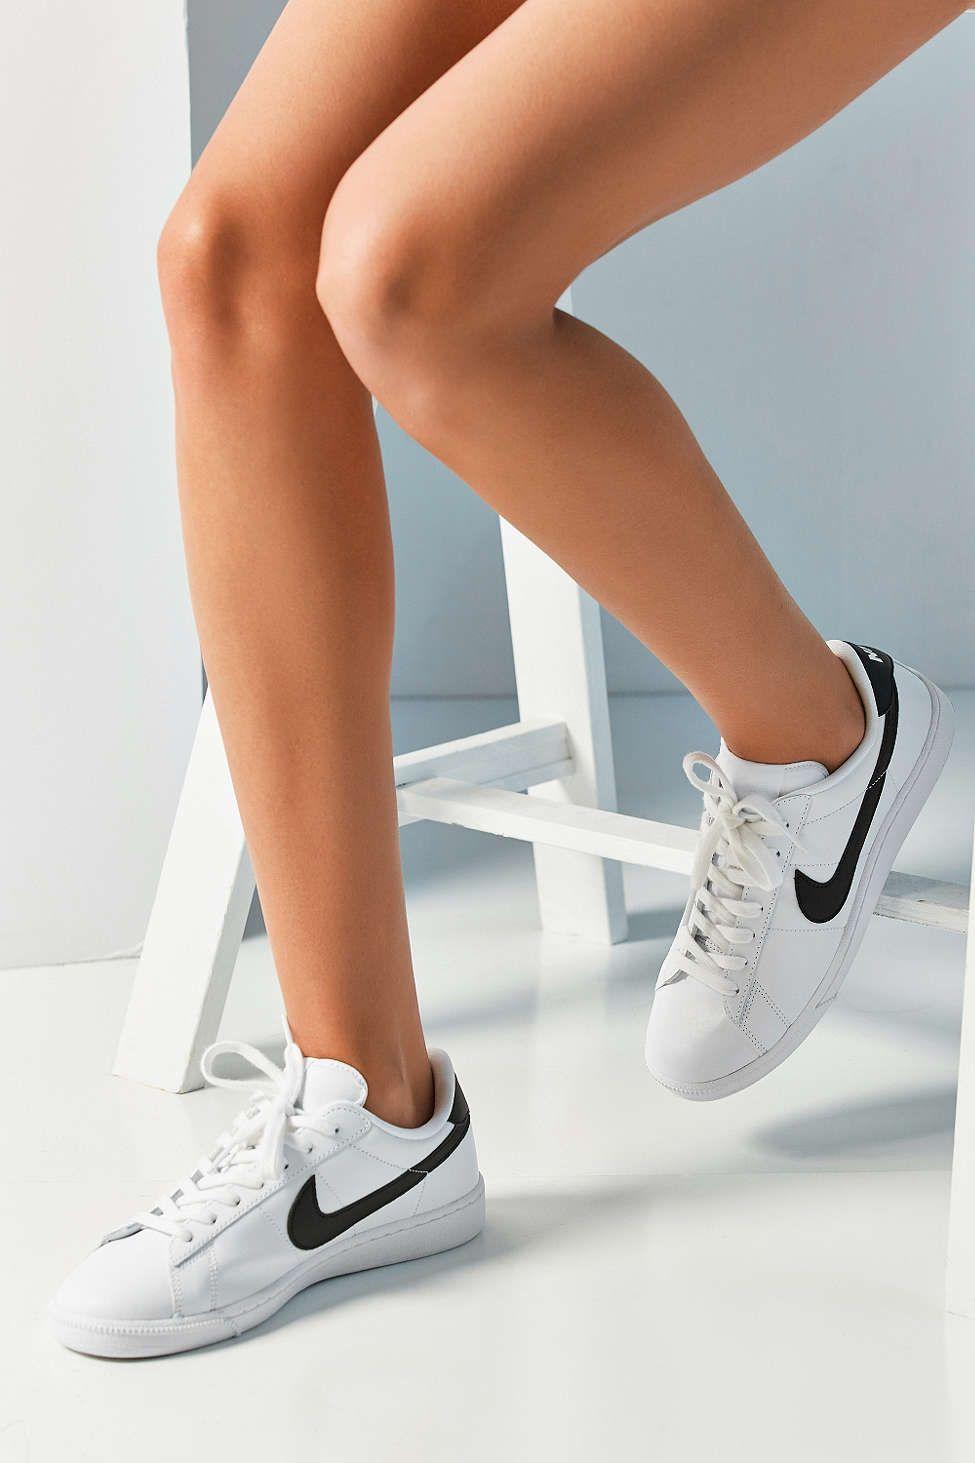 nike tennis classic white